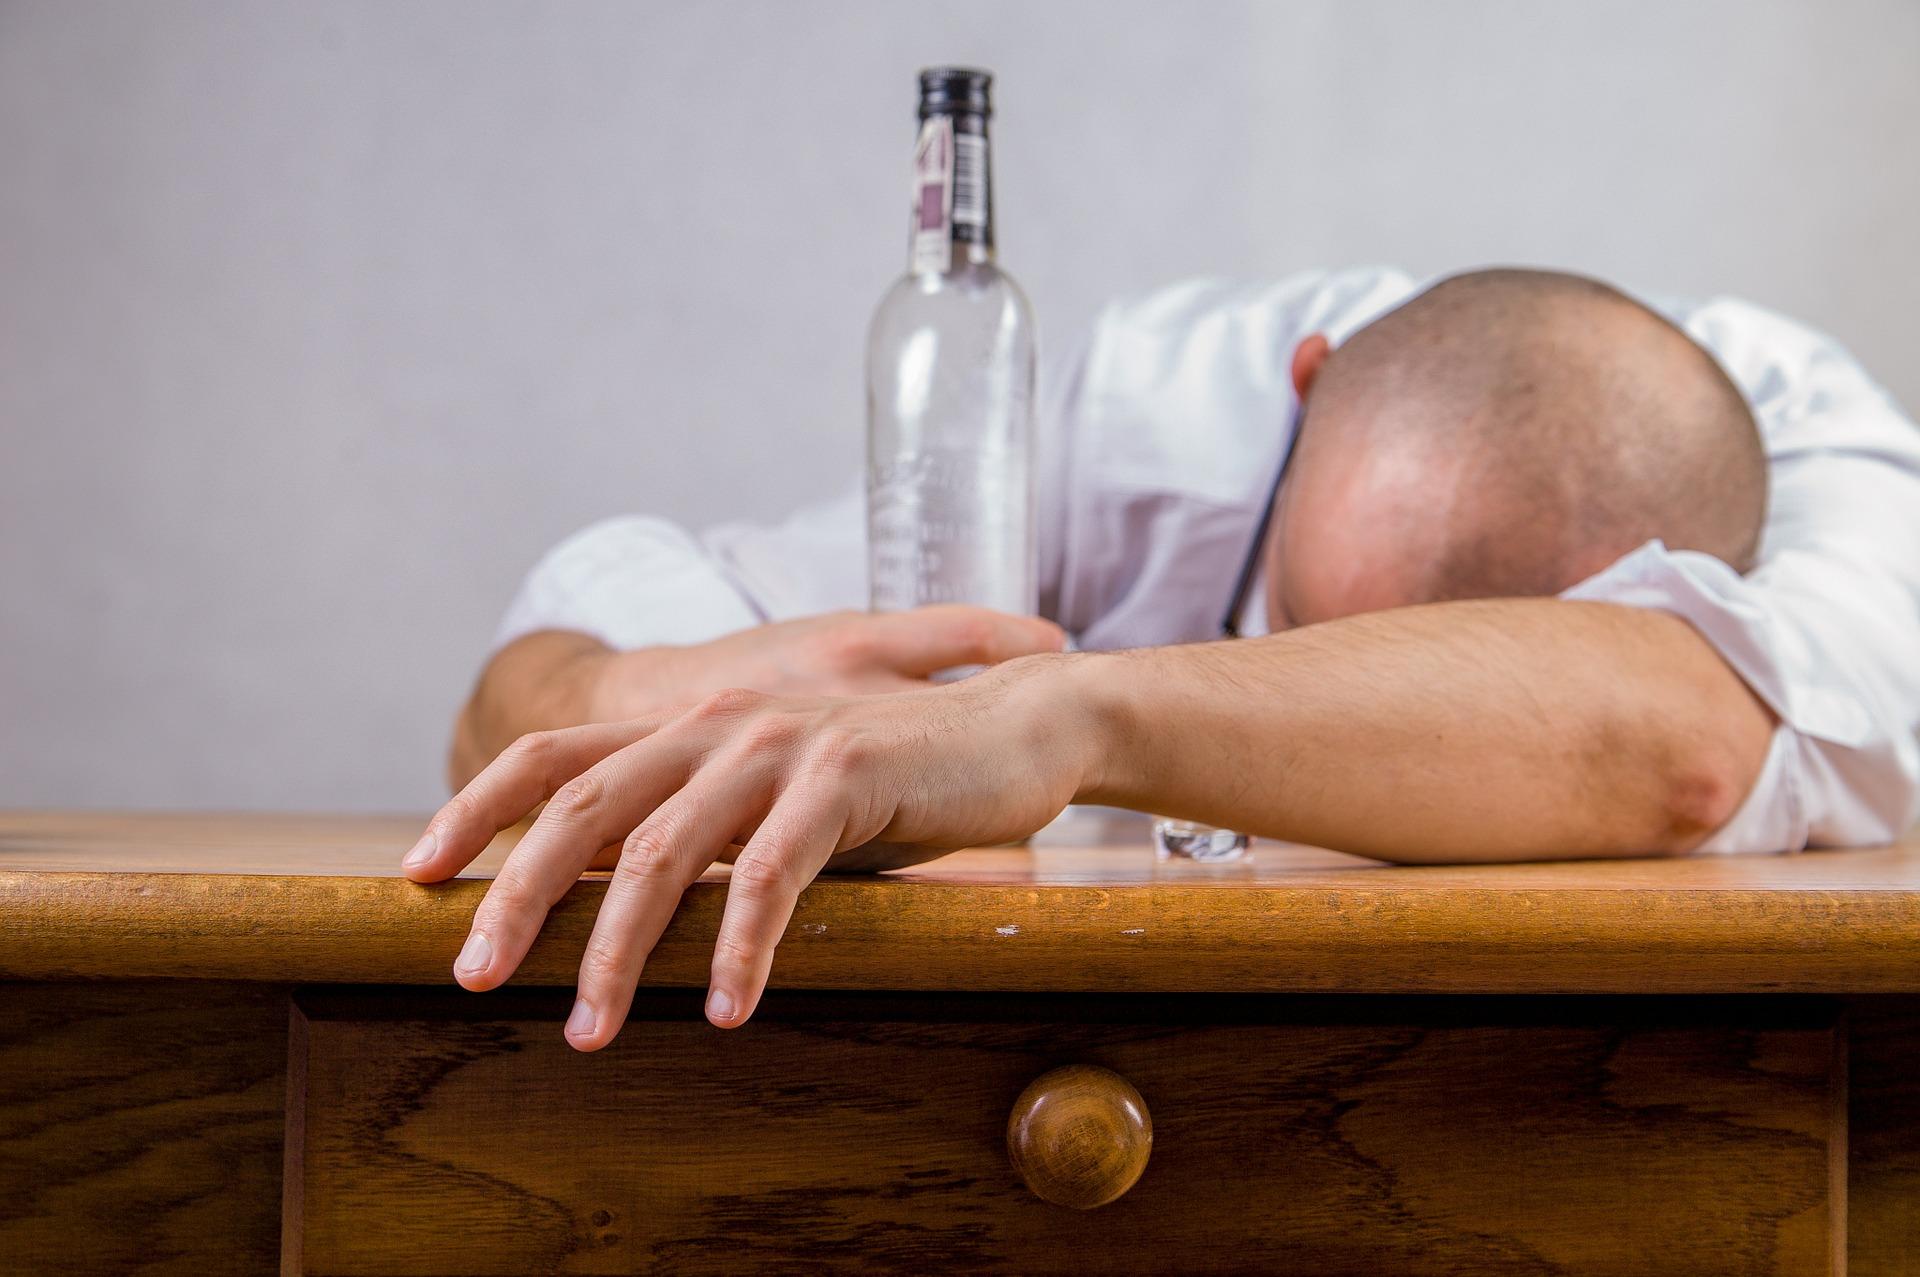 wpływ wódki na erekcję